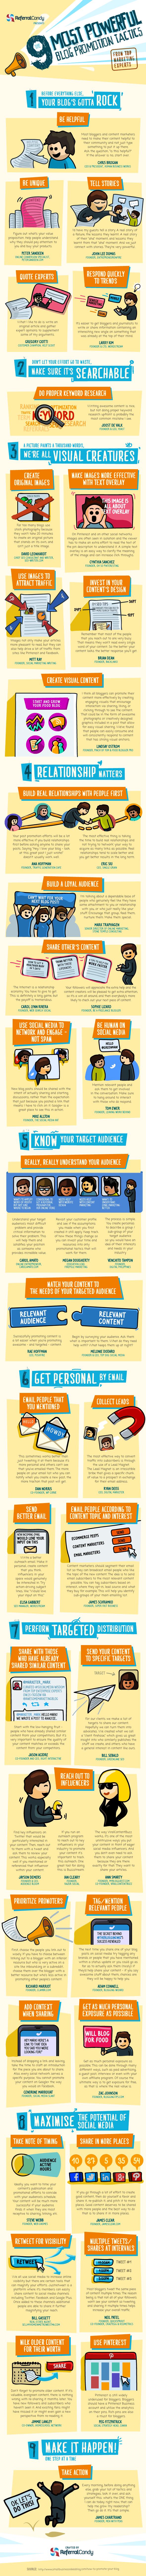 9 étapes pour faire connaitre son blog